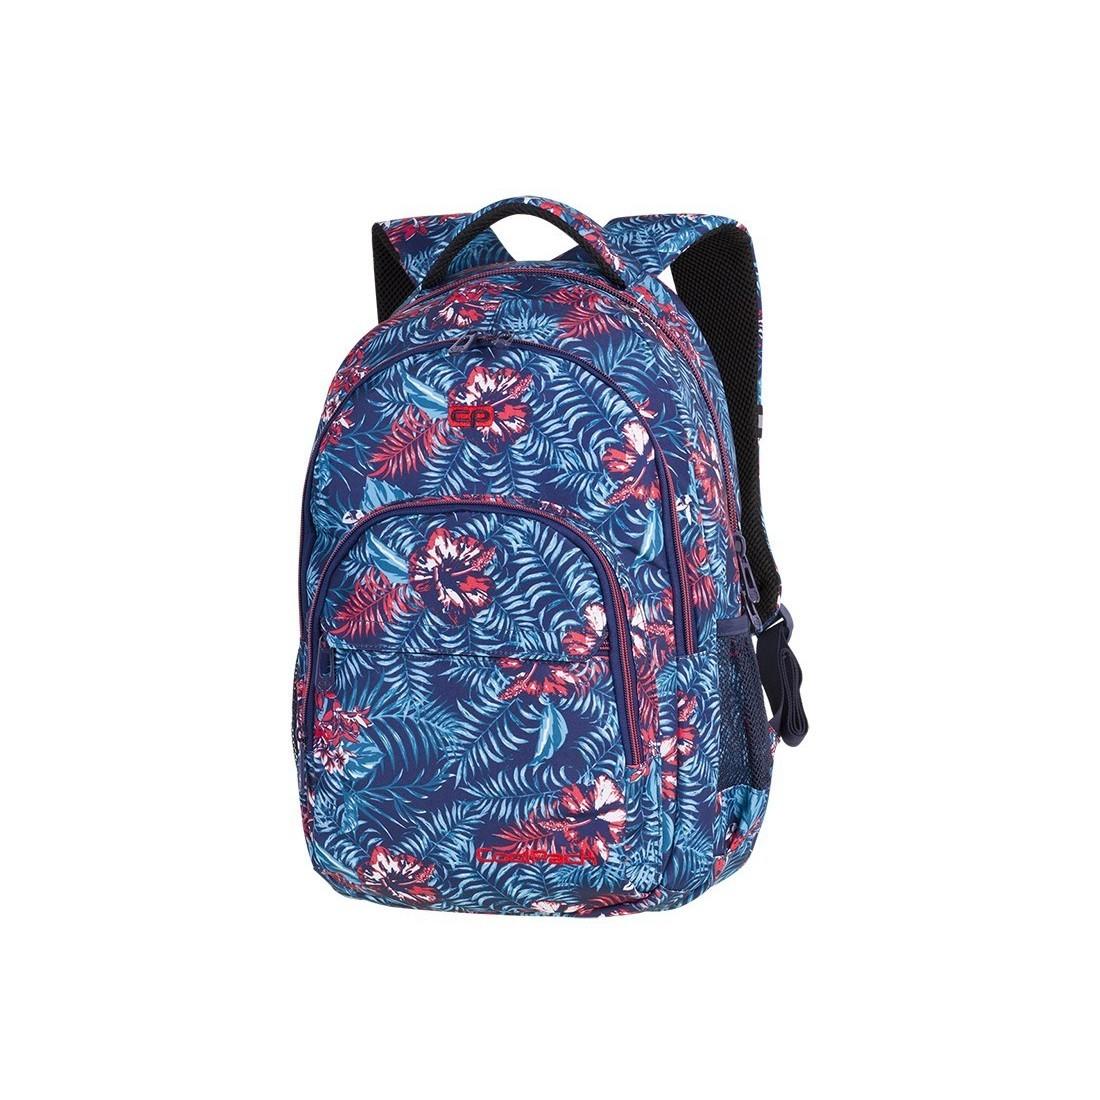 e34b12a66160e Plecak szkolny CoolPack CP BASIC PLUS EMERALD JUNGLE niebieskie kwiaty  dżungla dla dziewczyn - A140